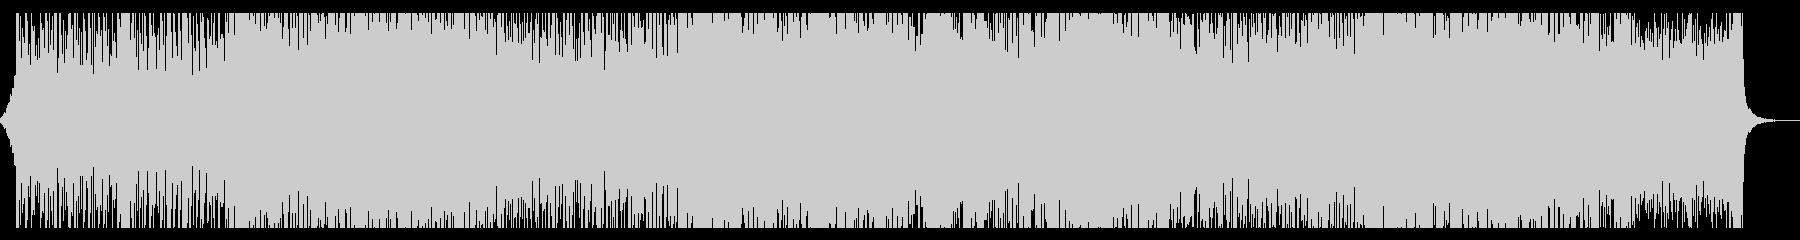 疾走感のあるドラムンベース風日本語ラップの未再生の波形